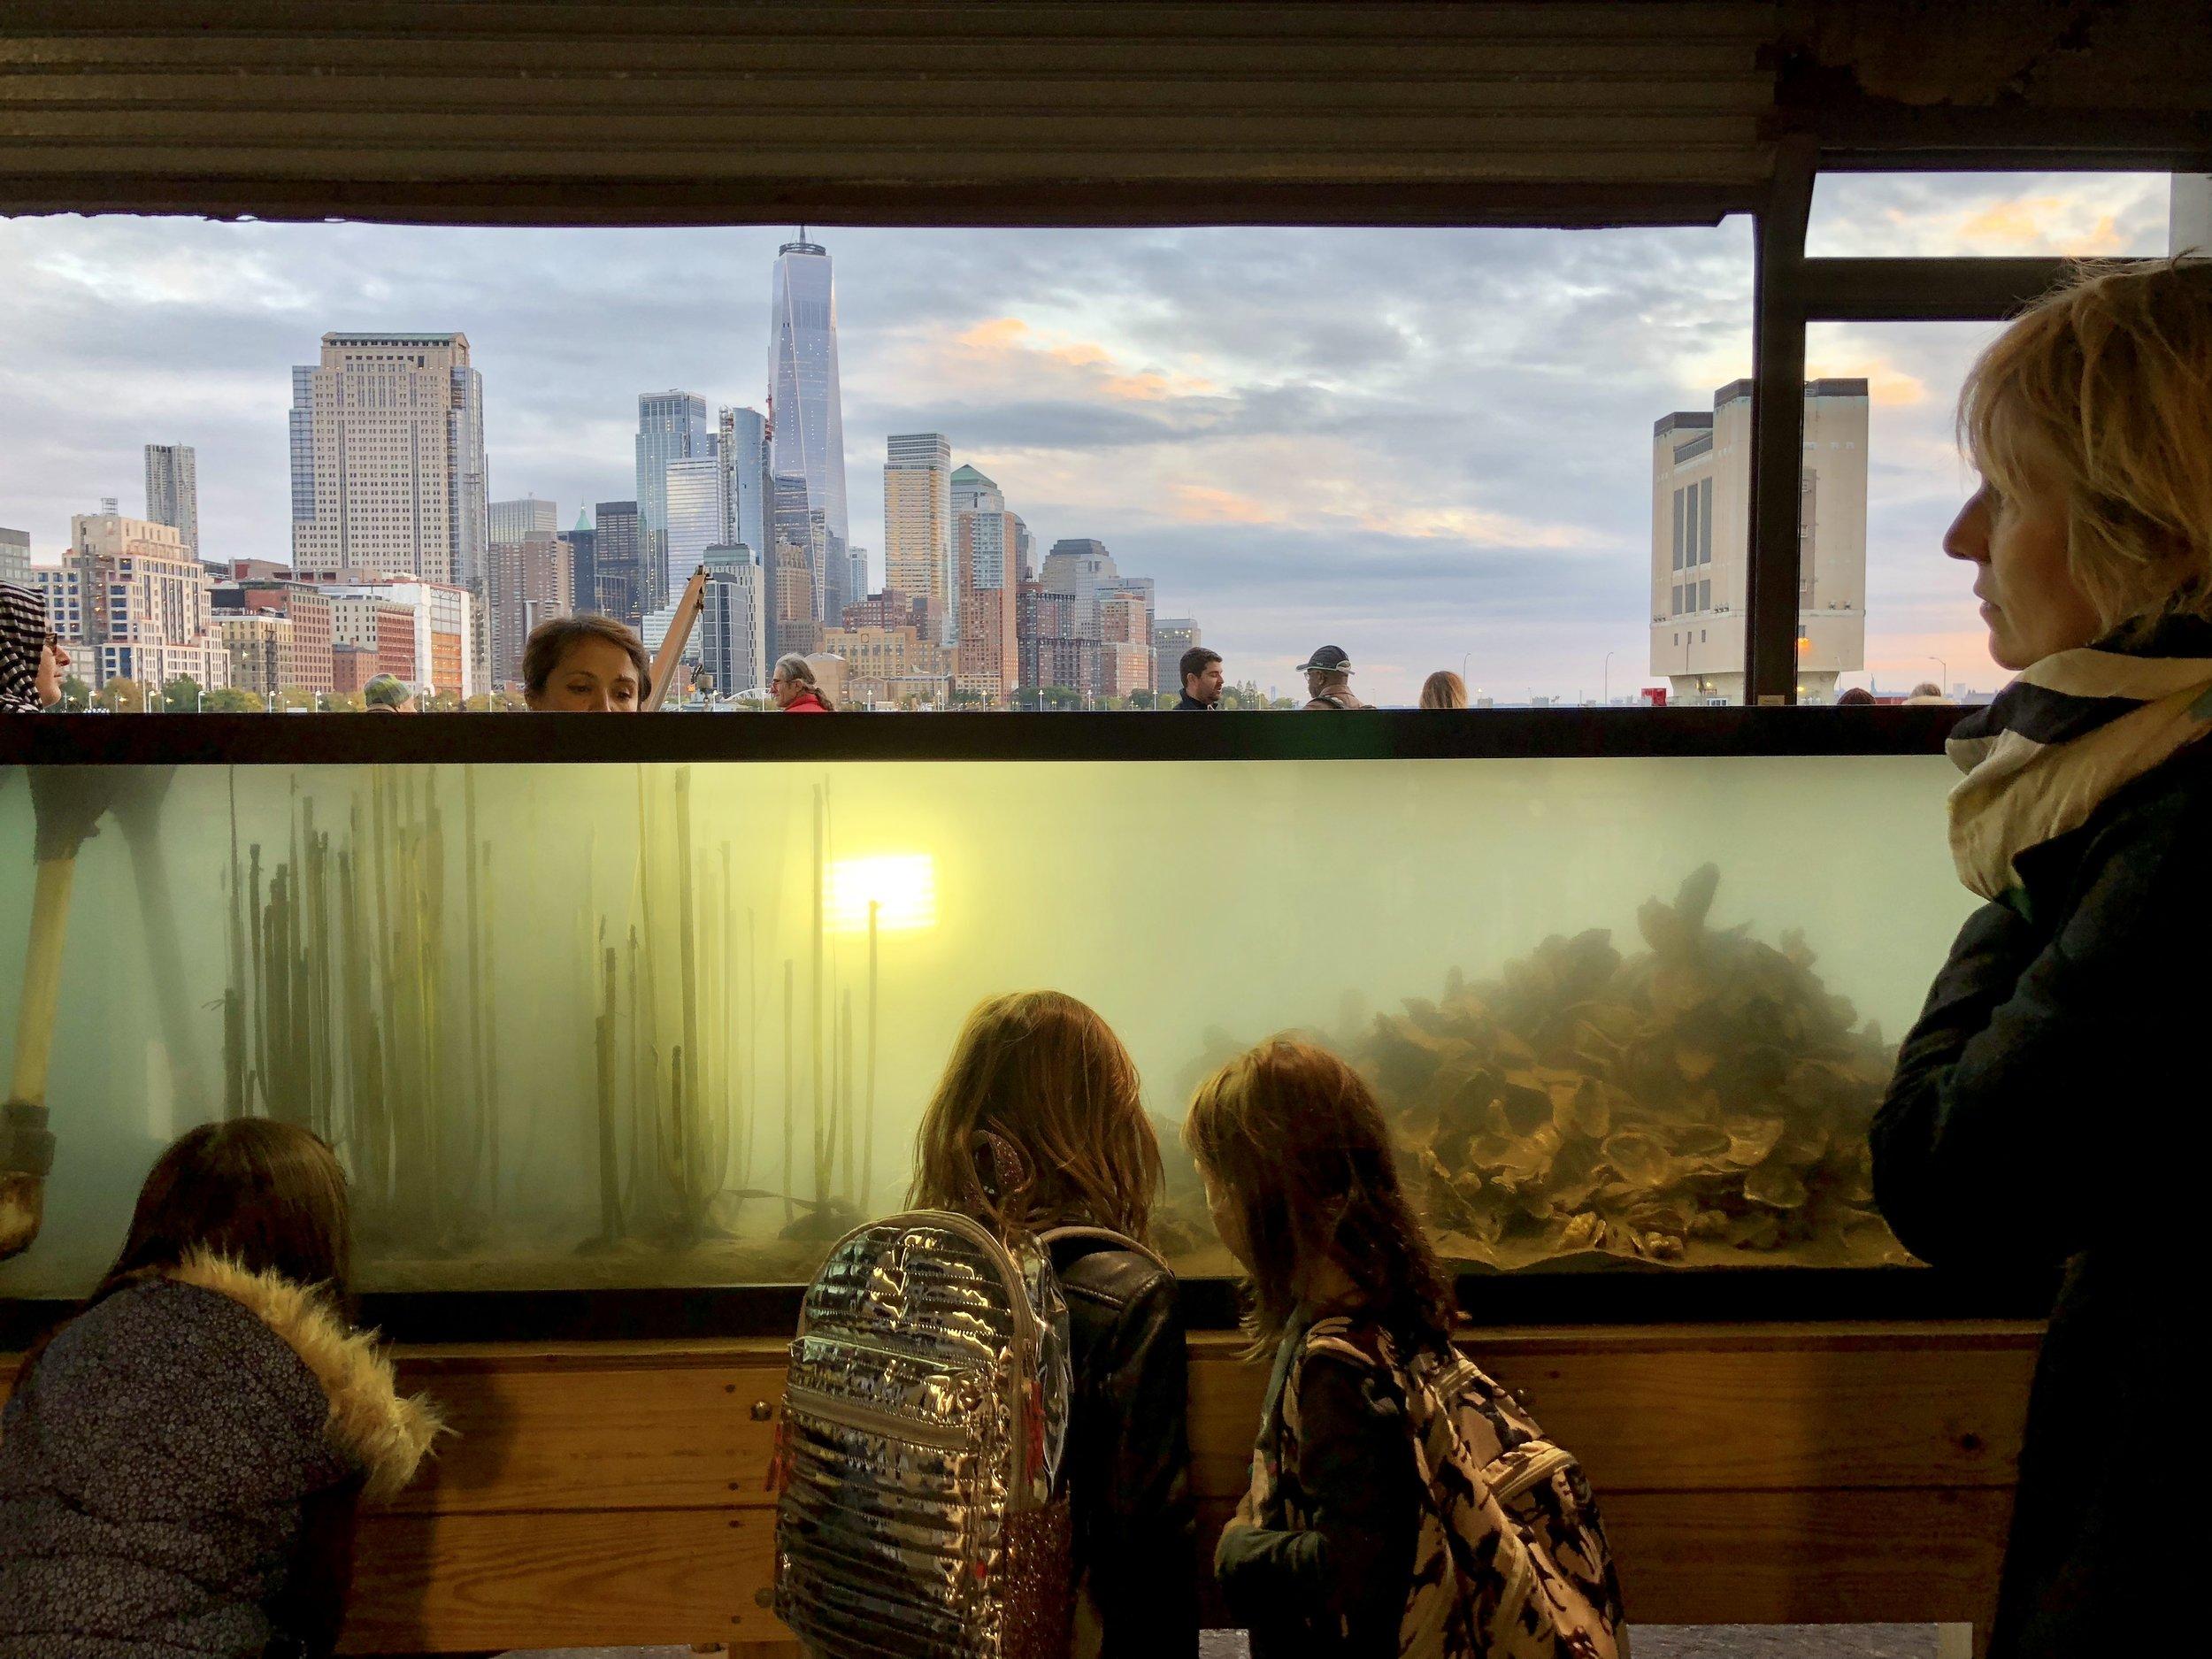 Oyster Reef Ecosystem exhibit tank at the Wetlab Estuarium entrance.